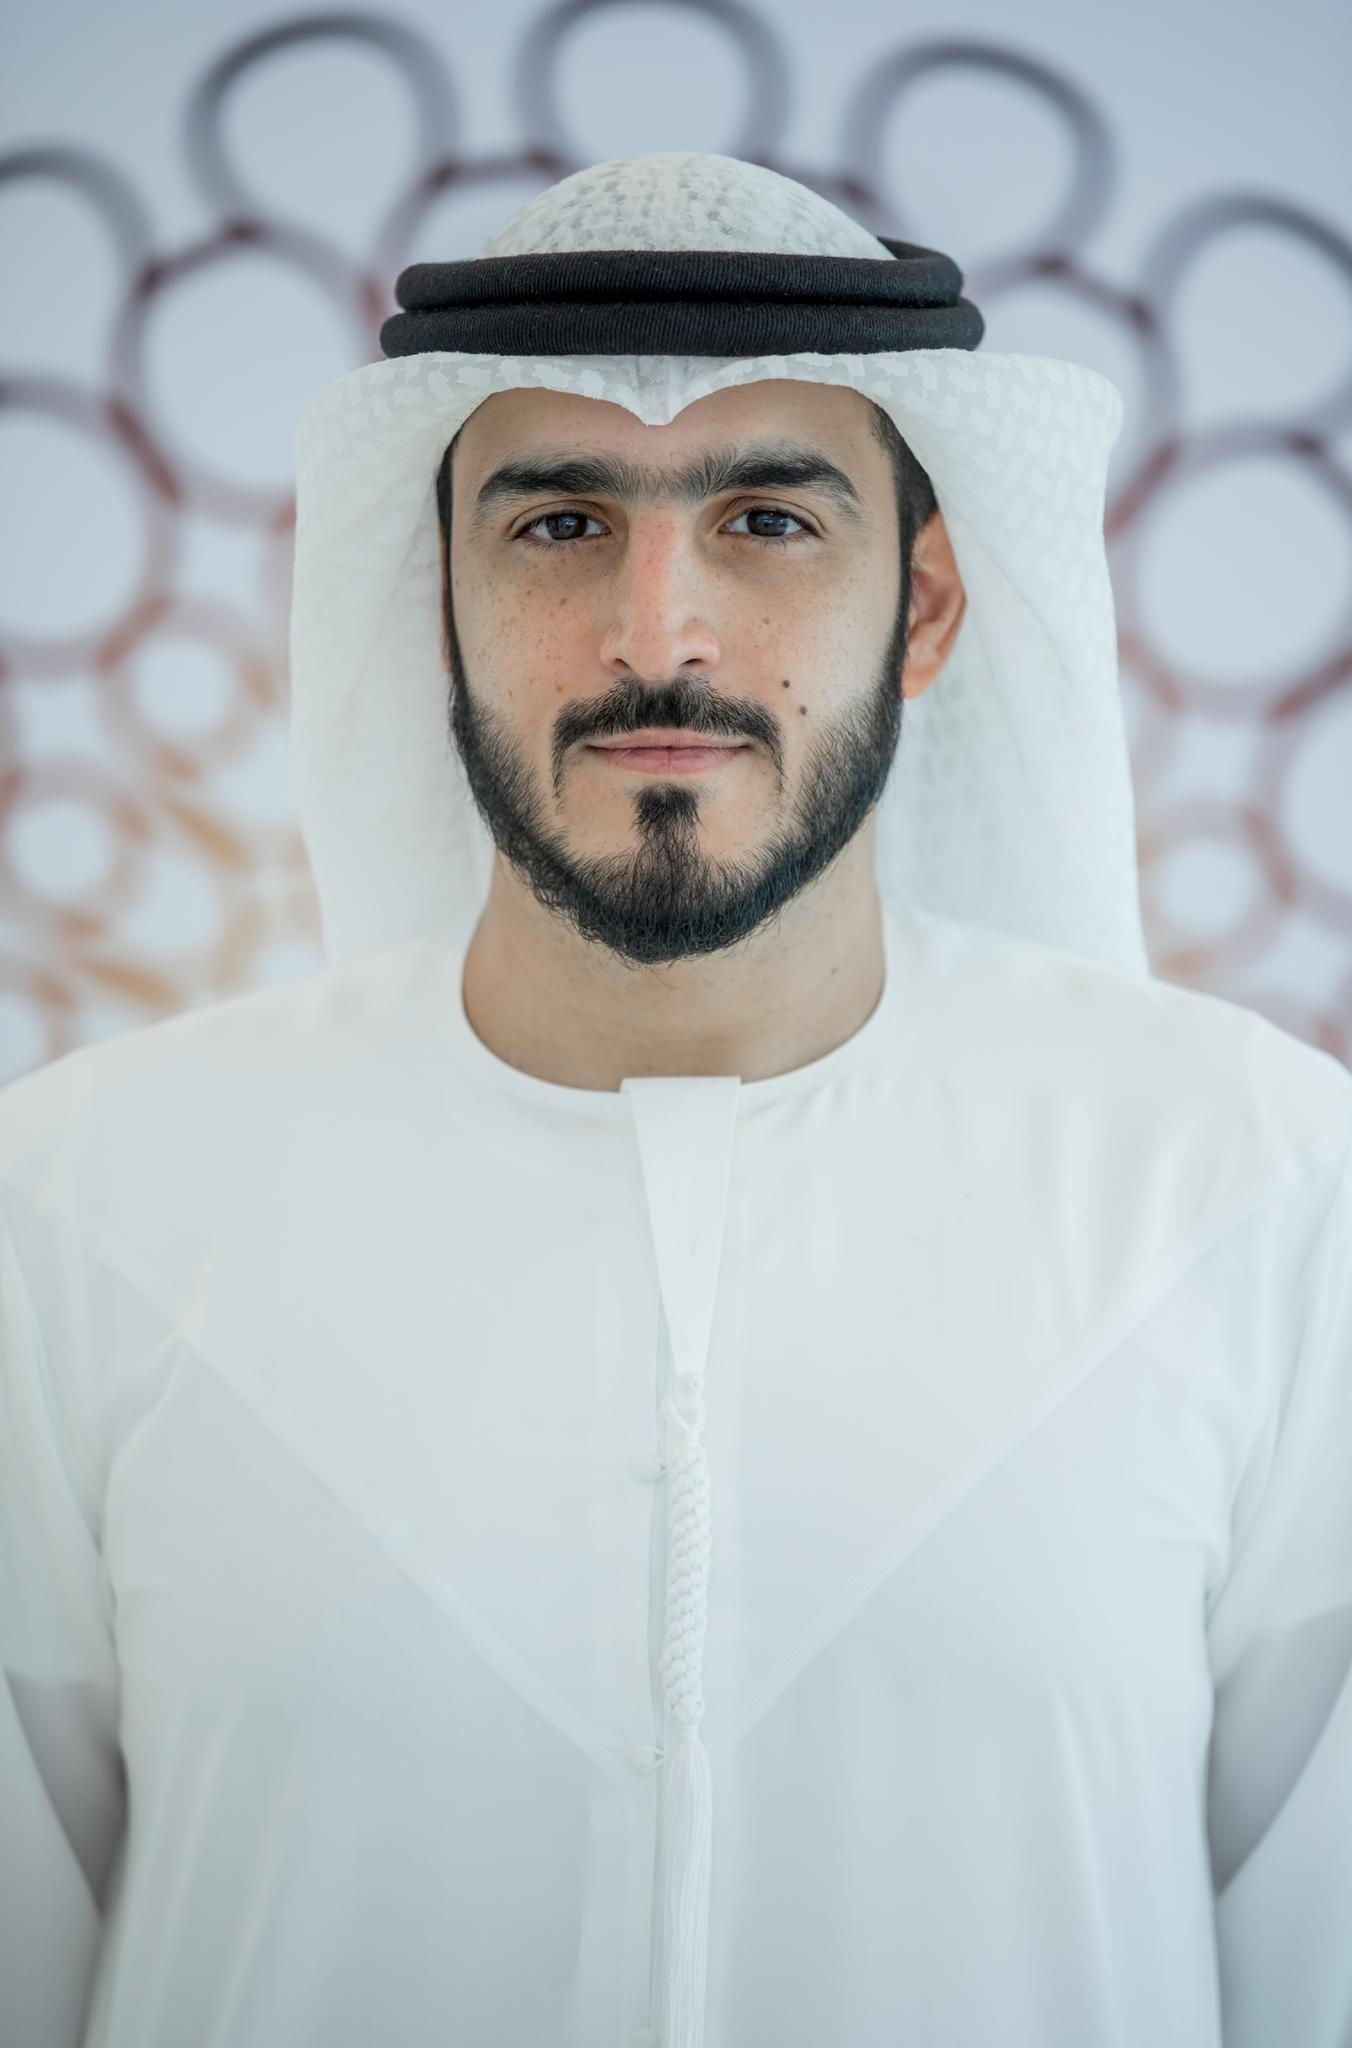 Rashid Mohammed